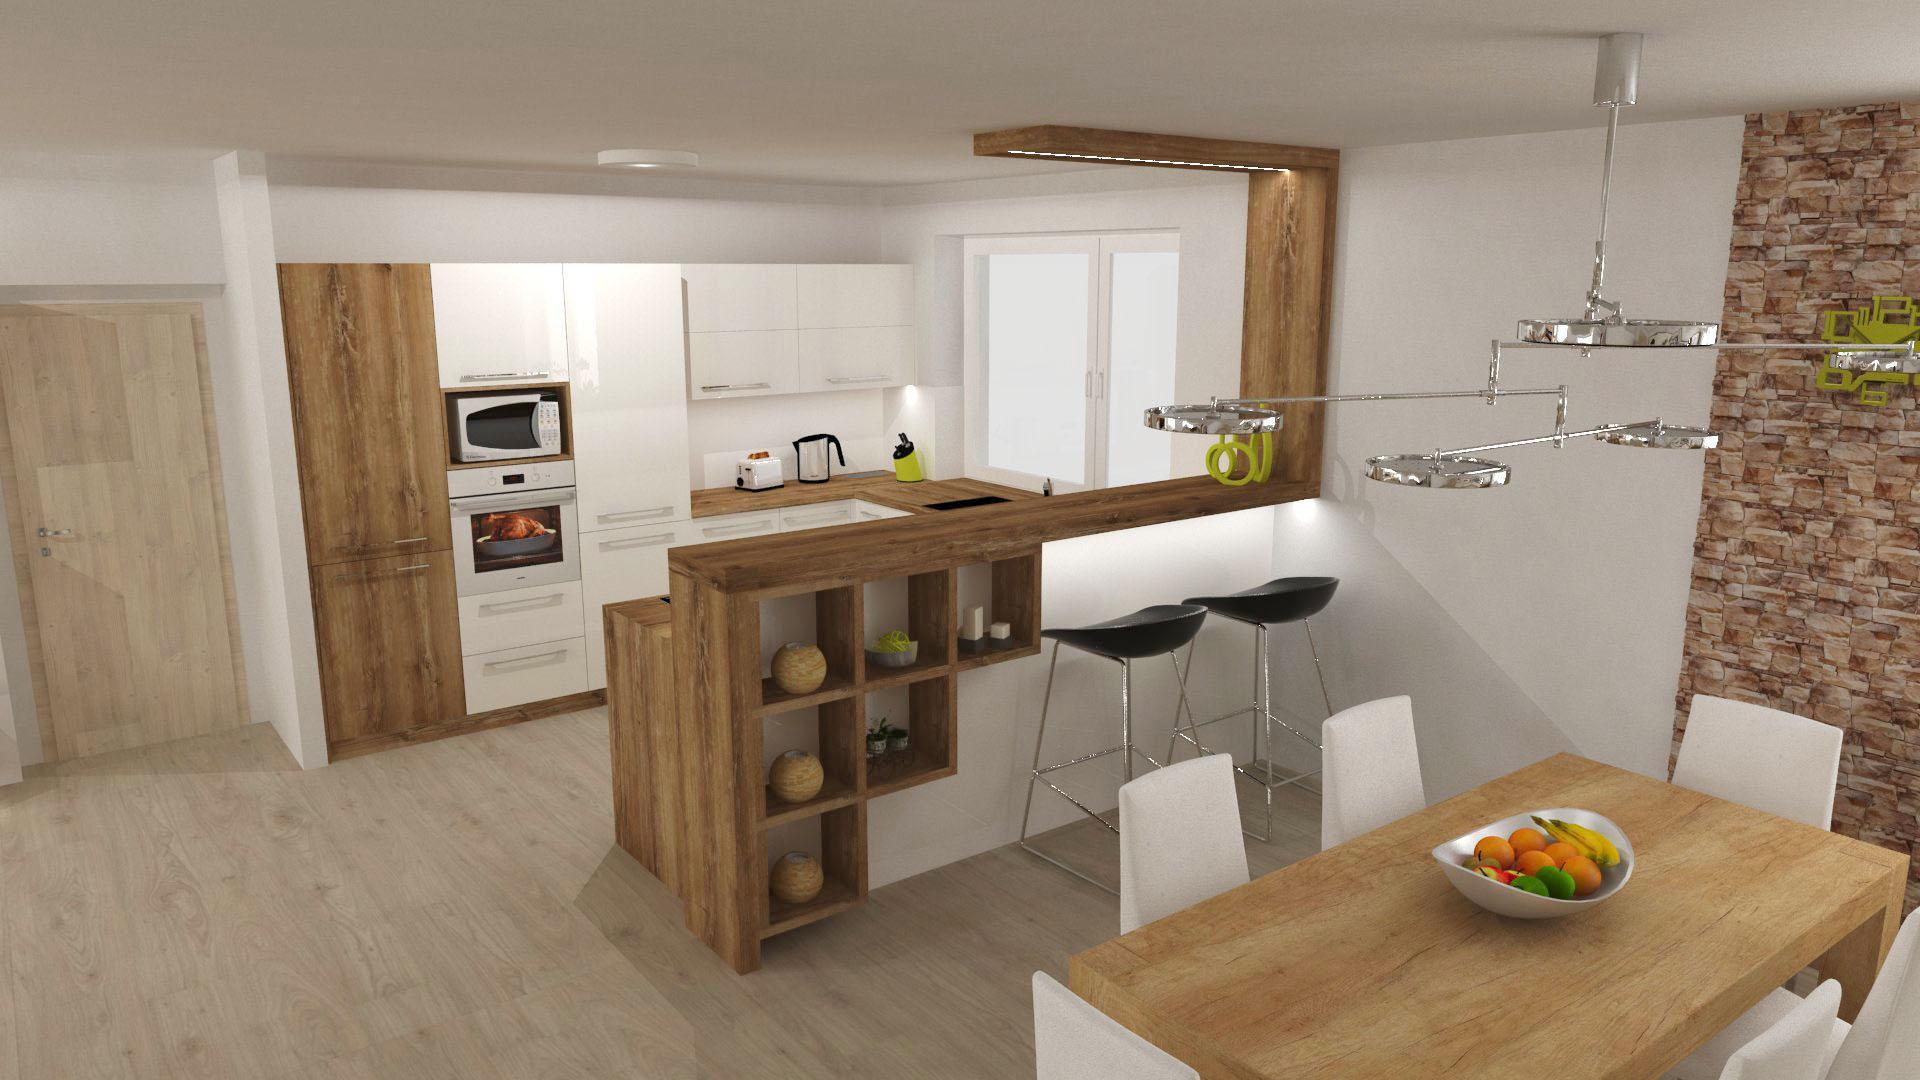 Kuchyně - Bílá ve vysokém lesku s divokou třešní.